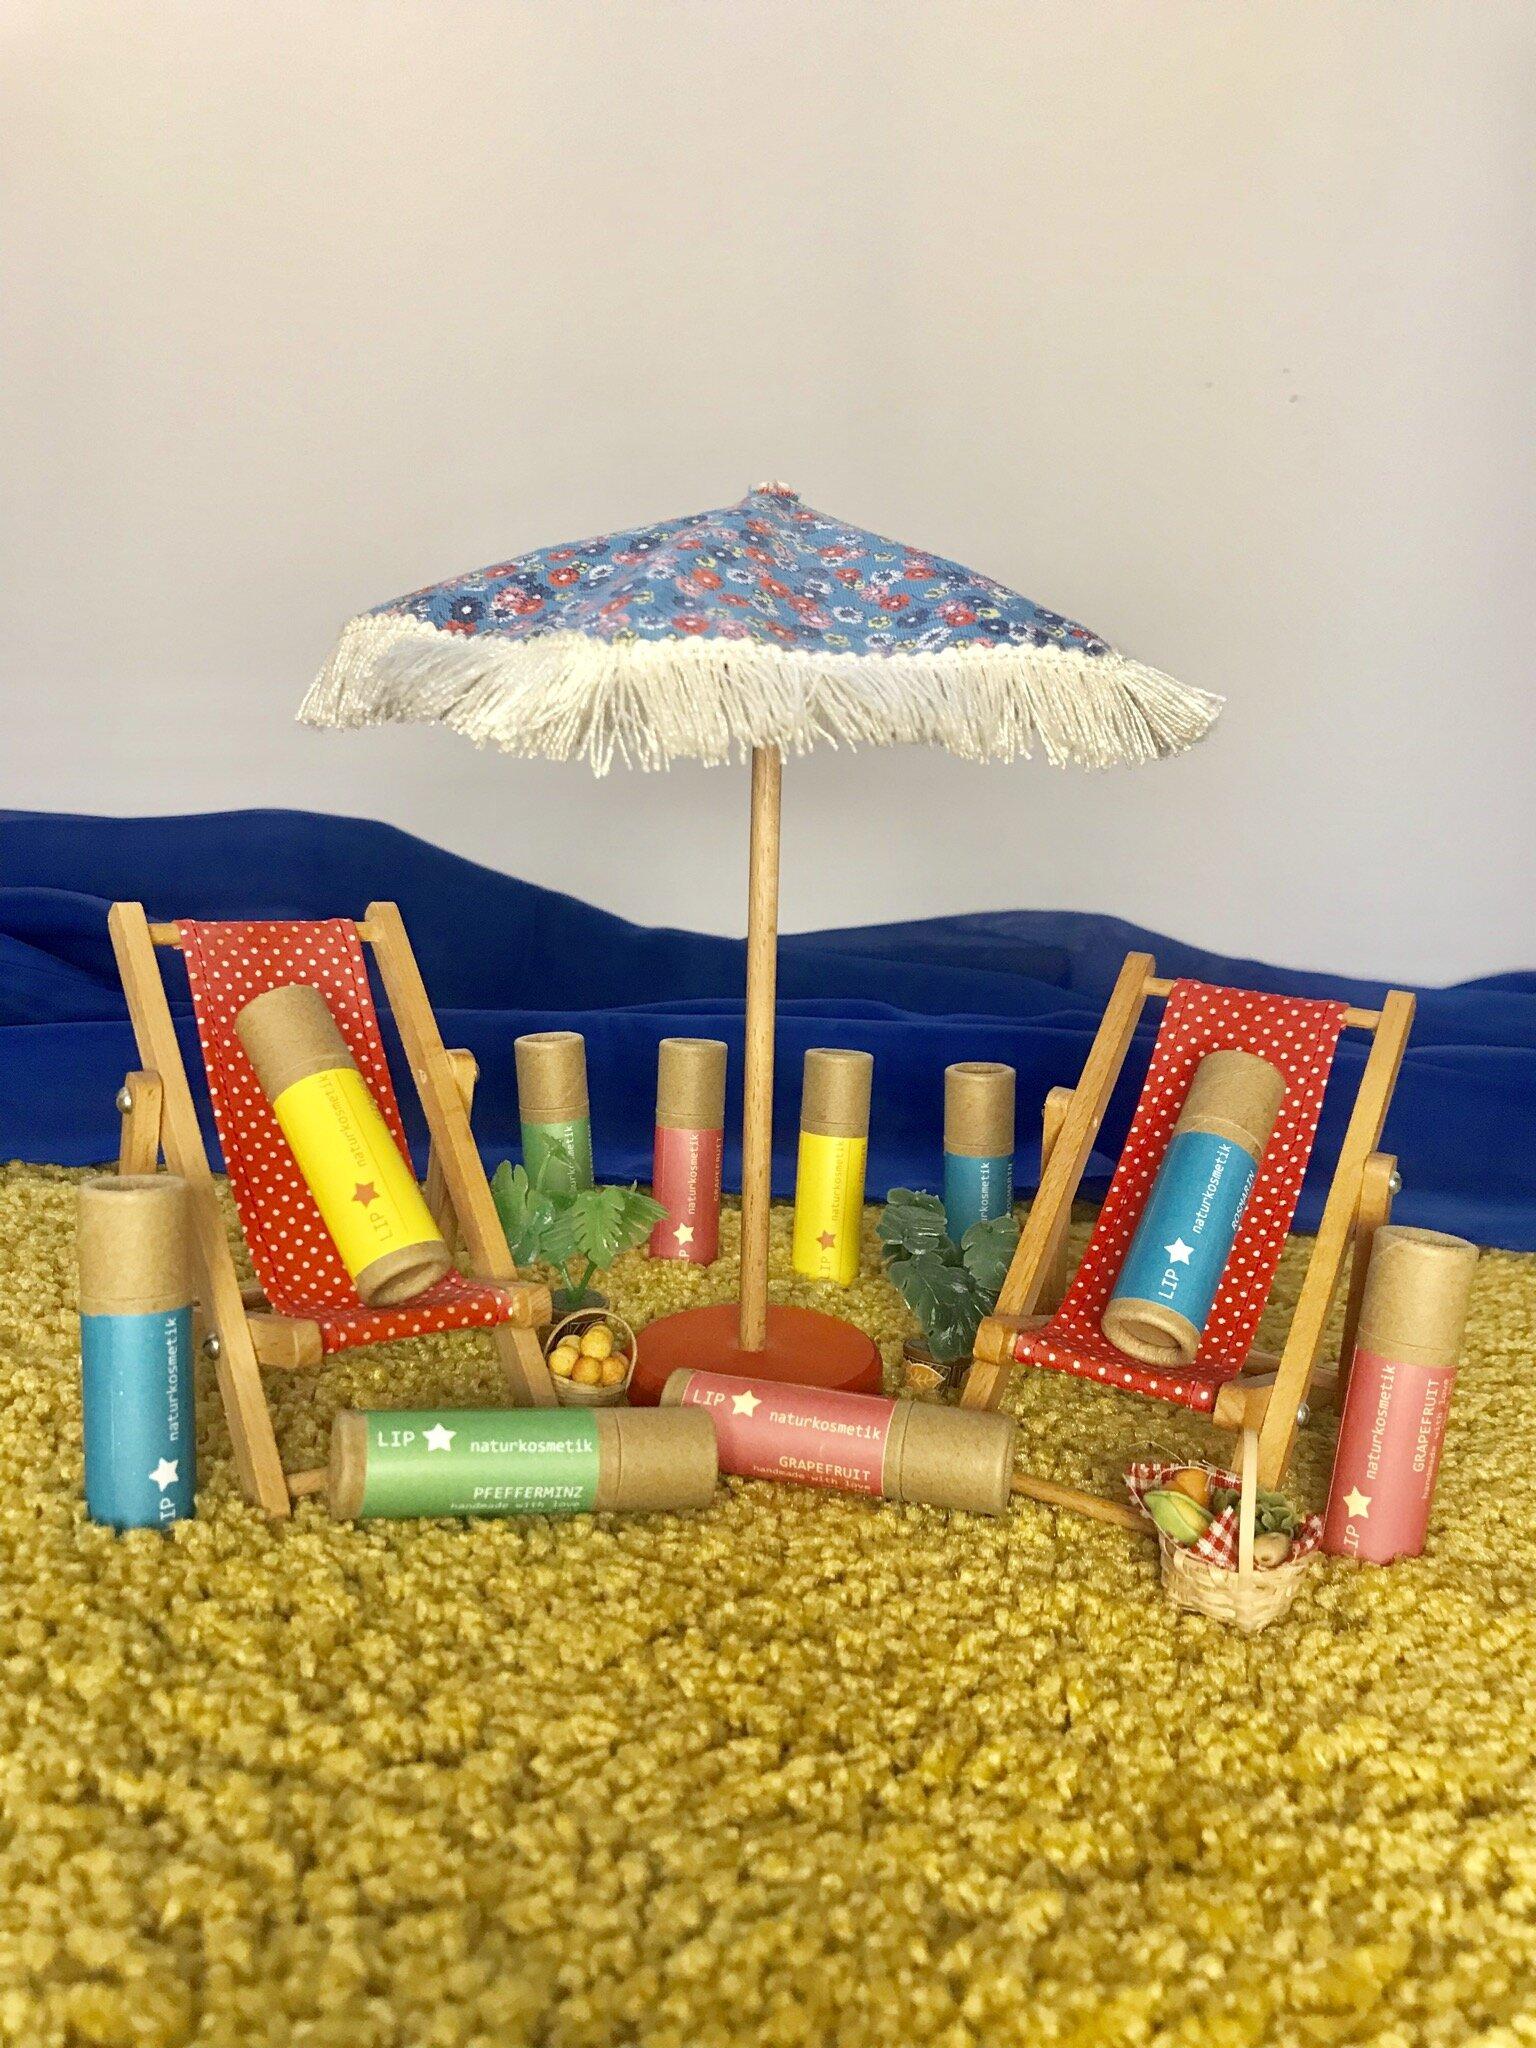 wenn die Herbstbrise am Strande weht - der LipStar mit neuer Kartonverpackung und edlem Inhalt